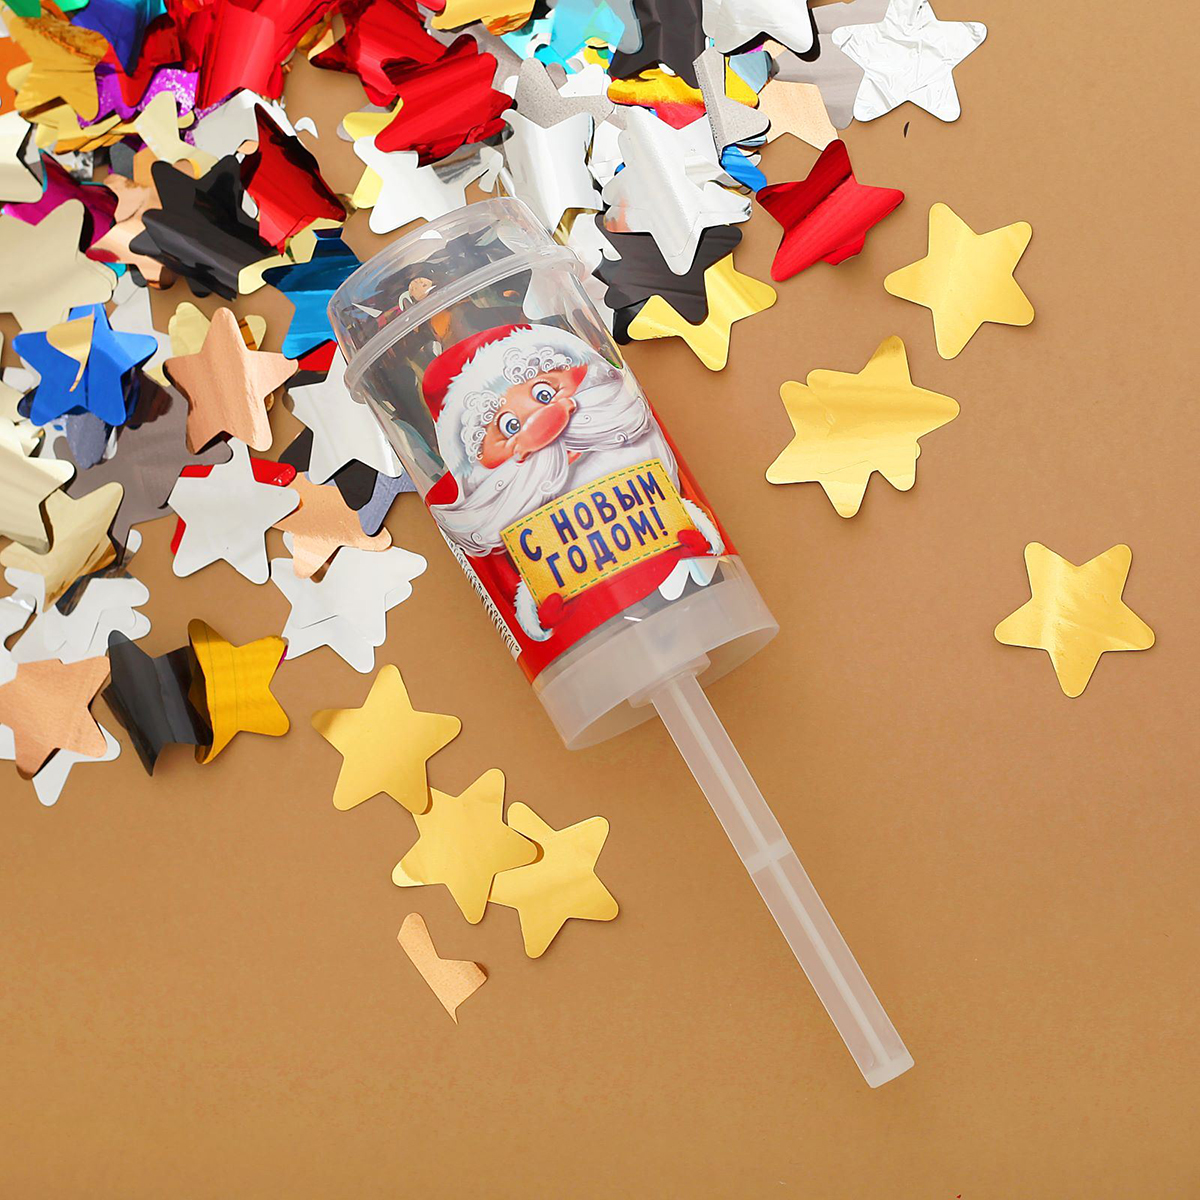 Конфетти Страна Карнавалия С Новым годом! Дедушка Мороз1349797Яркое конфетти создаст неповторимую атмосферу карнавала! Красочные фигурки станут эффектной точкой вашего выступления или поздравления. Наберите их в ладони и в ключевой момент подбросьте вверх. Они окутают всех вокруг разноцветным облачком. Компактный пакетик можно взять с собой куда угодно. С этим атрибутом легко произвести фурор на любой вечеринке или привнести нотку праздника в обычные дни.